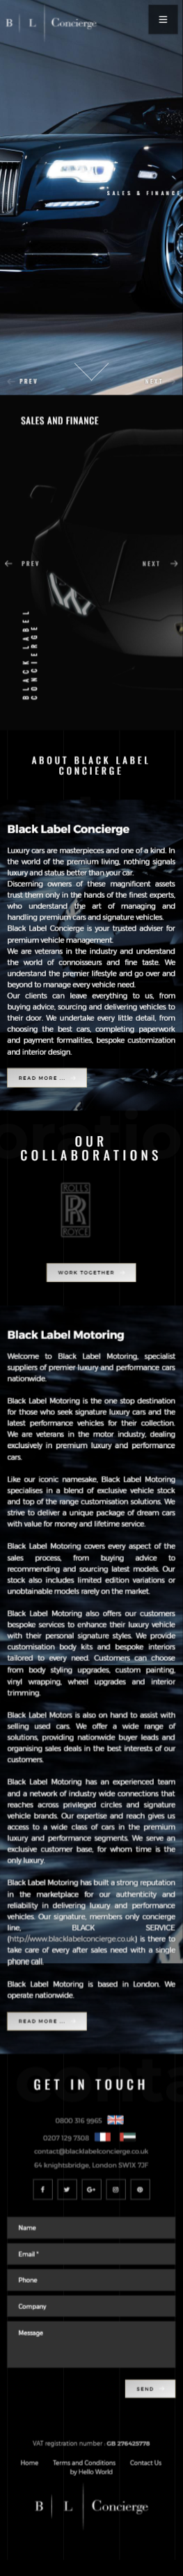 Black Label Concierge